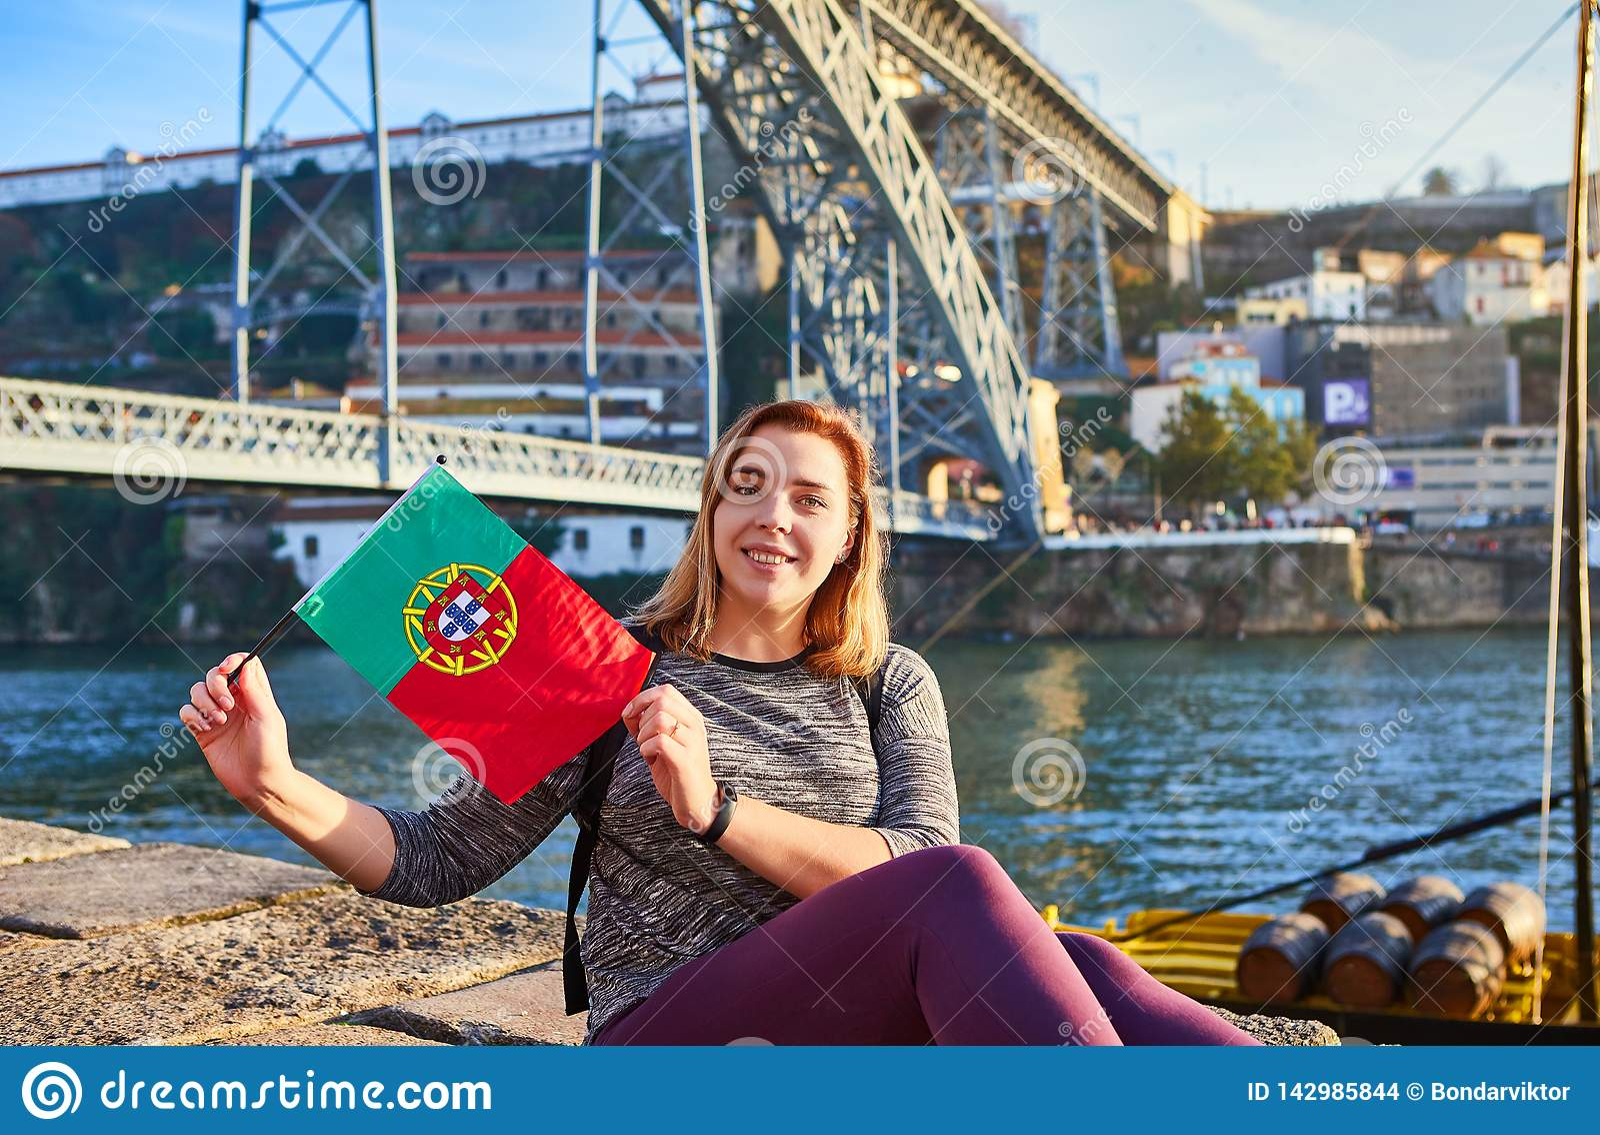 Viajante da jovem mulher que está para trás com a bandeira portuguesa, apreciando a opinião bonita da arquitetura da cidade no ri